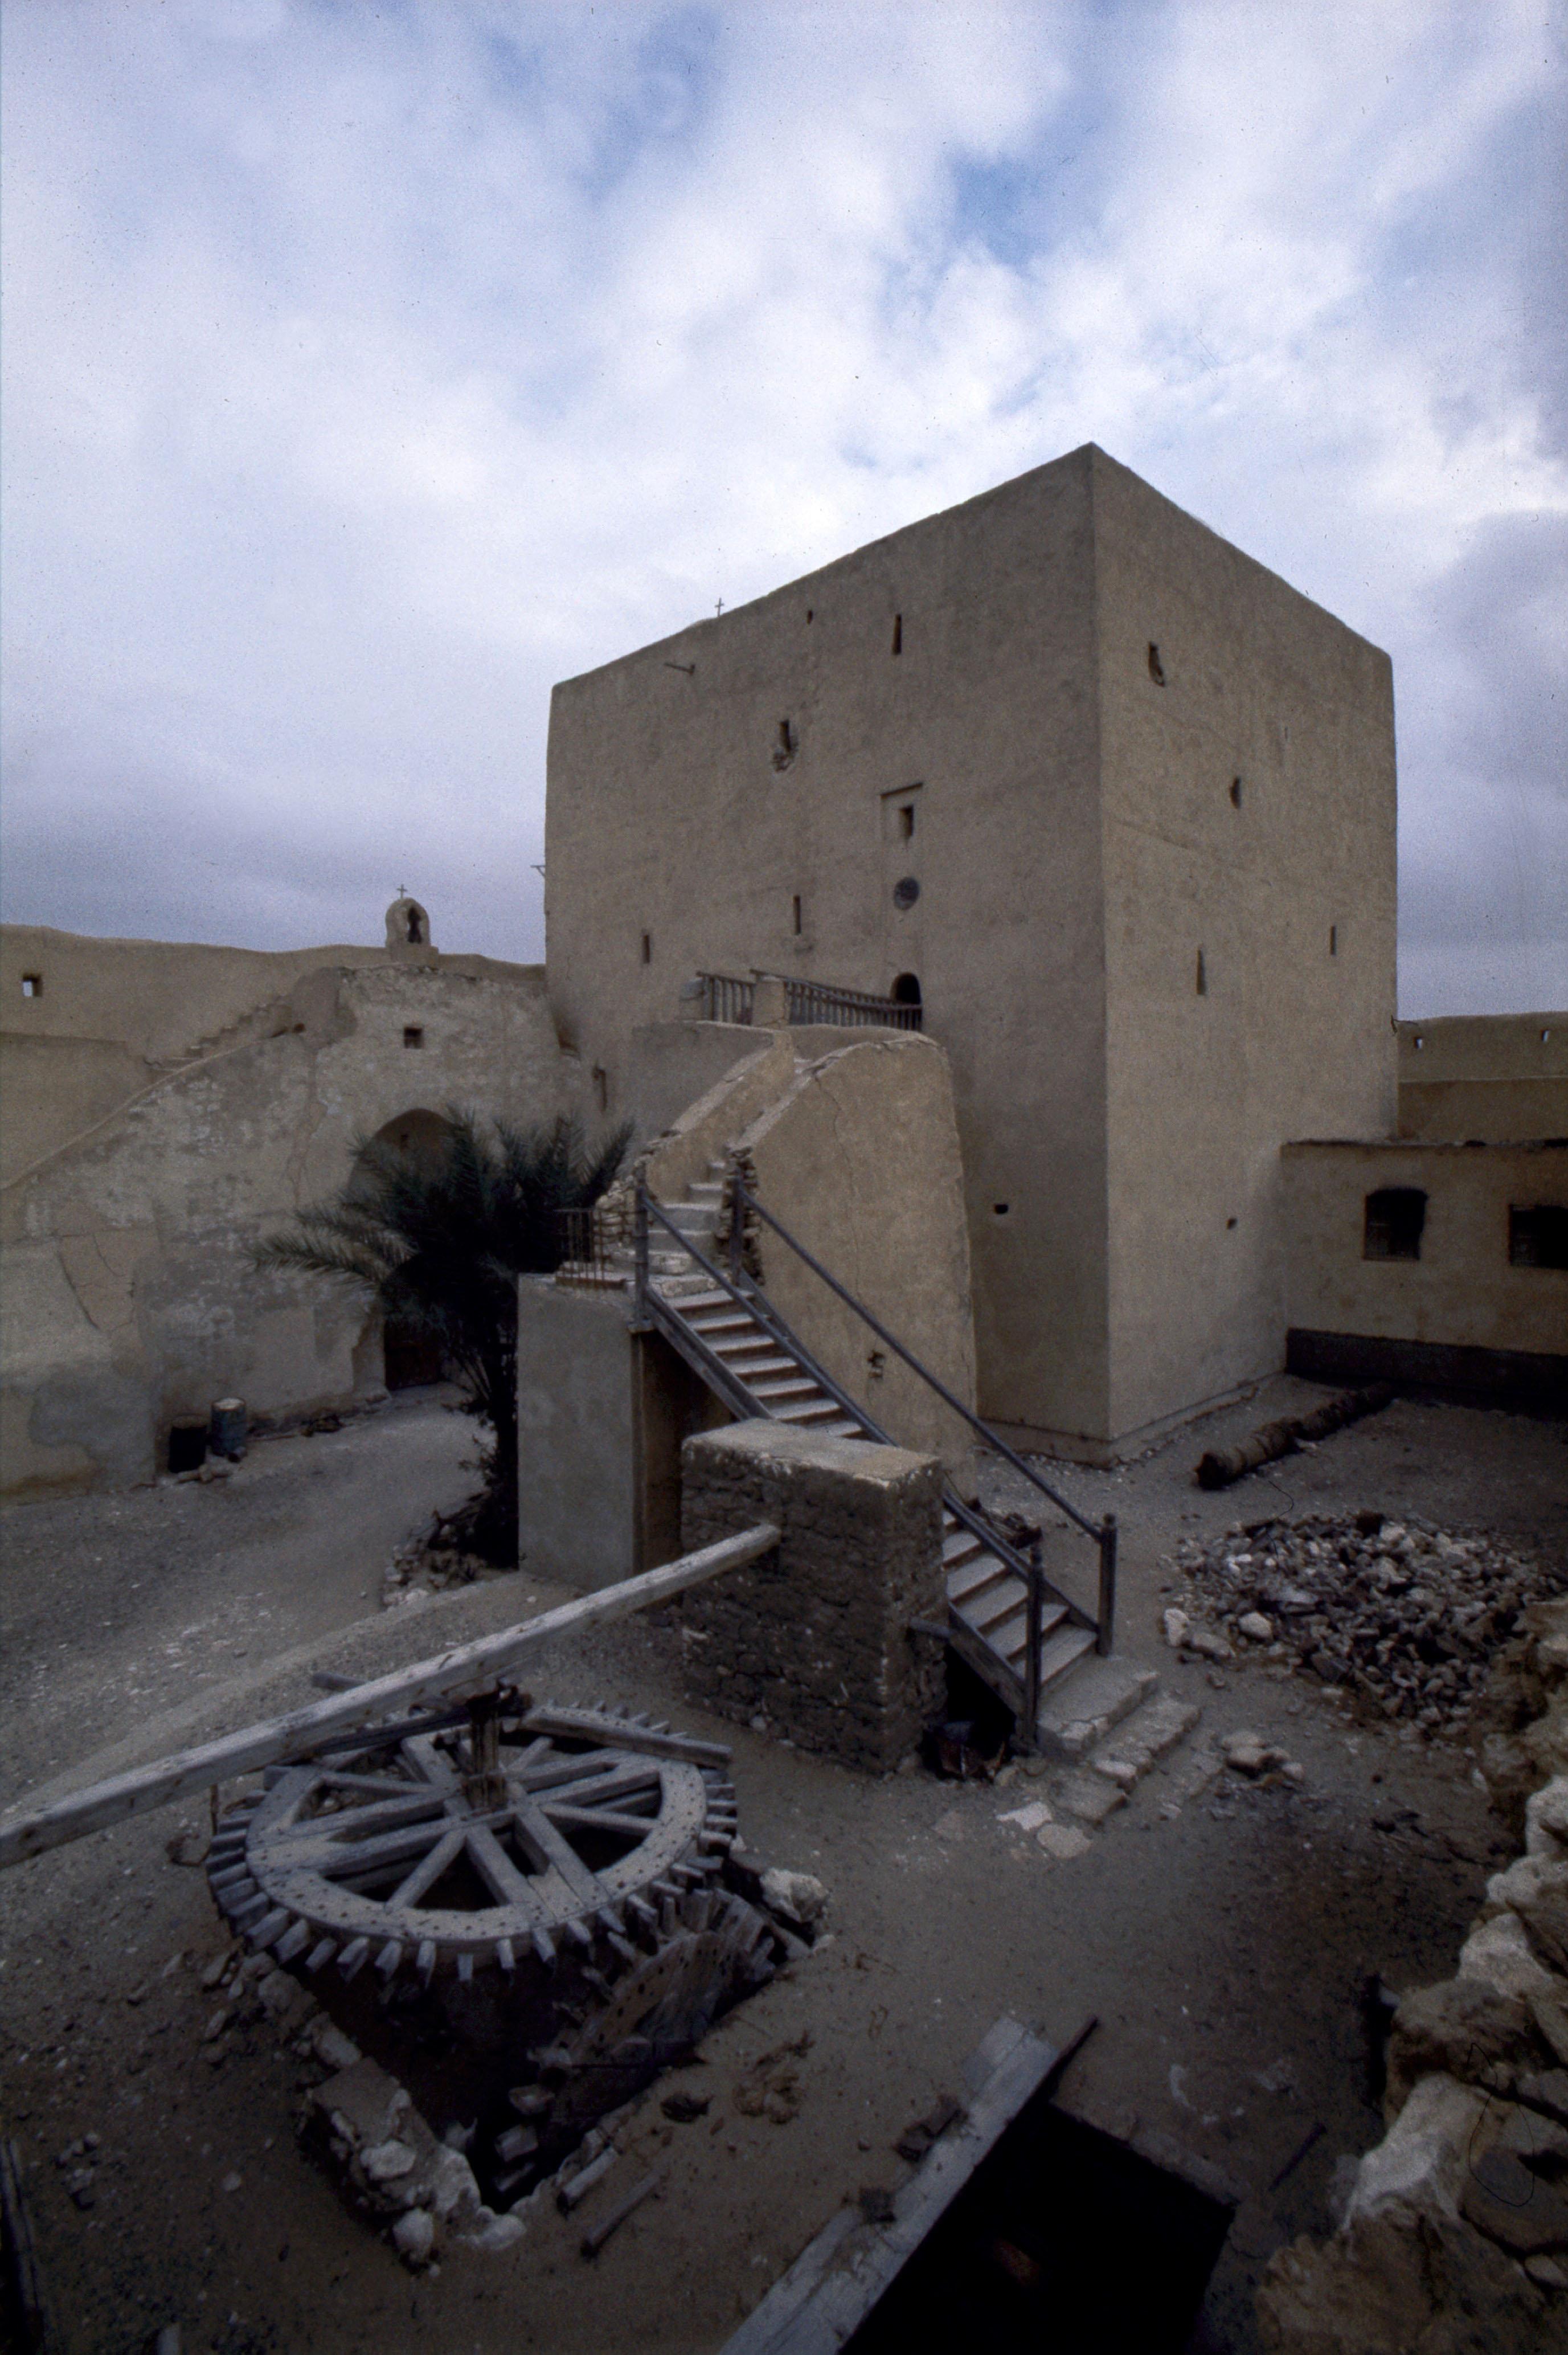 Αίγυπτος: Κόπτες μοναχοί κατηγορούνται για τον φόνο επισκόπου σε